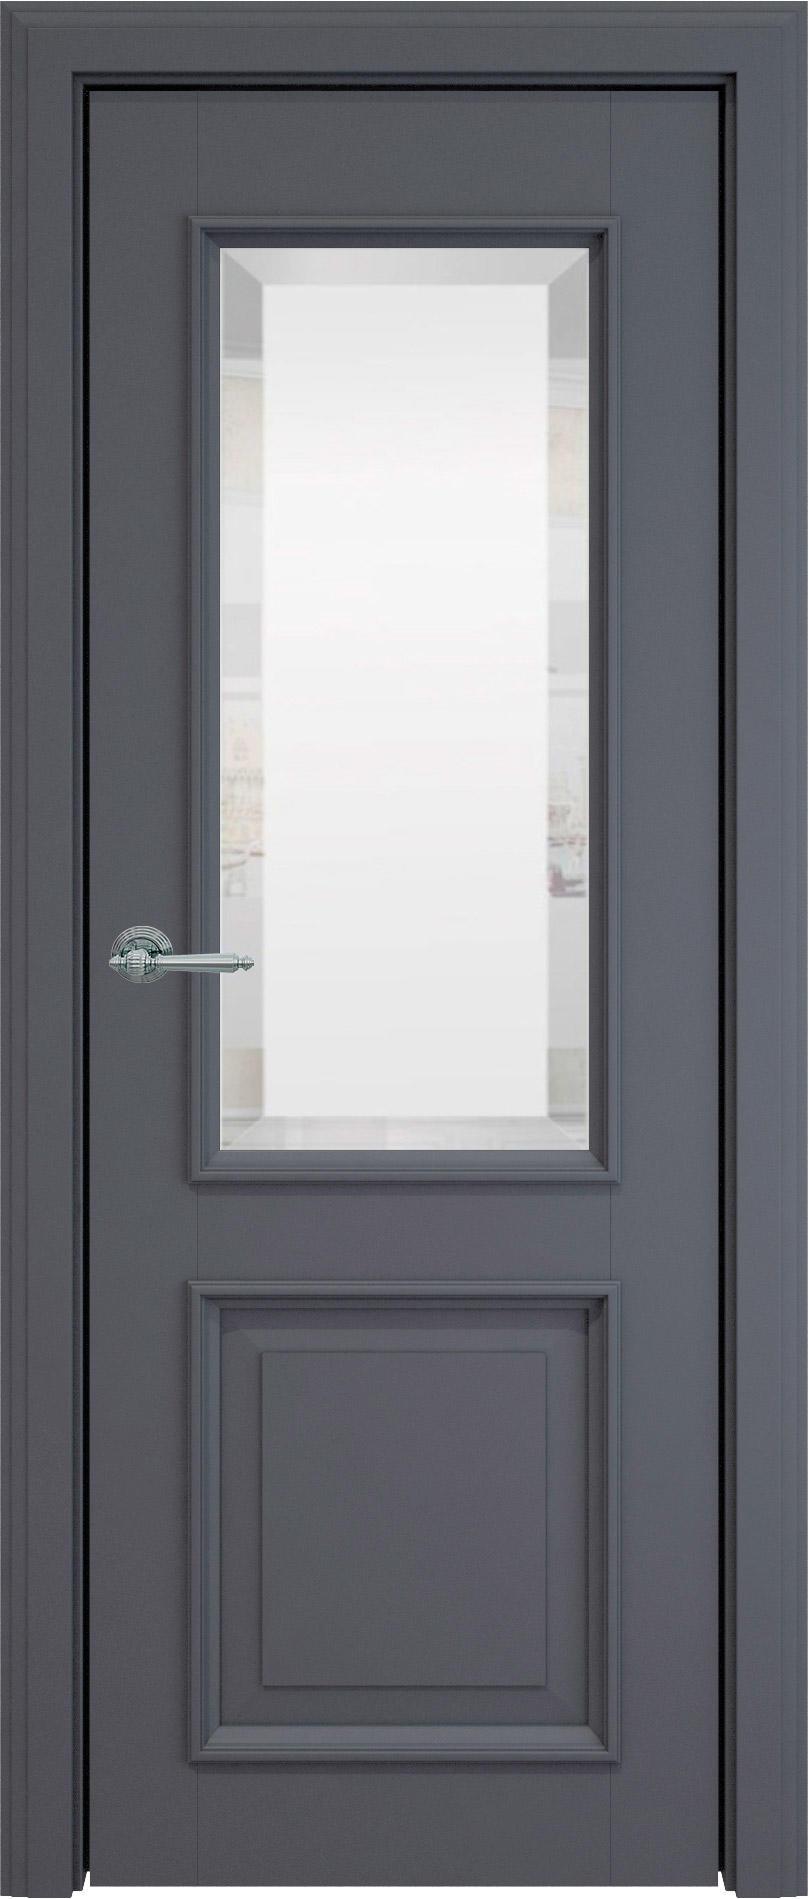 Dinastia LUX цвет - Графитово-серая эмаль (RAL 7024) Со стеклом (ДО)